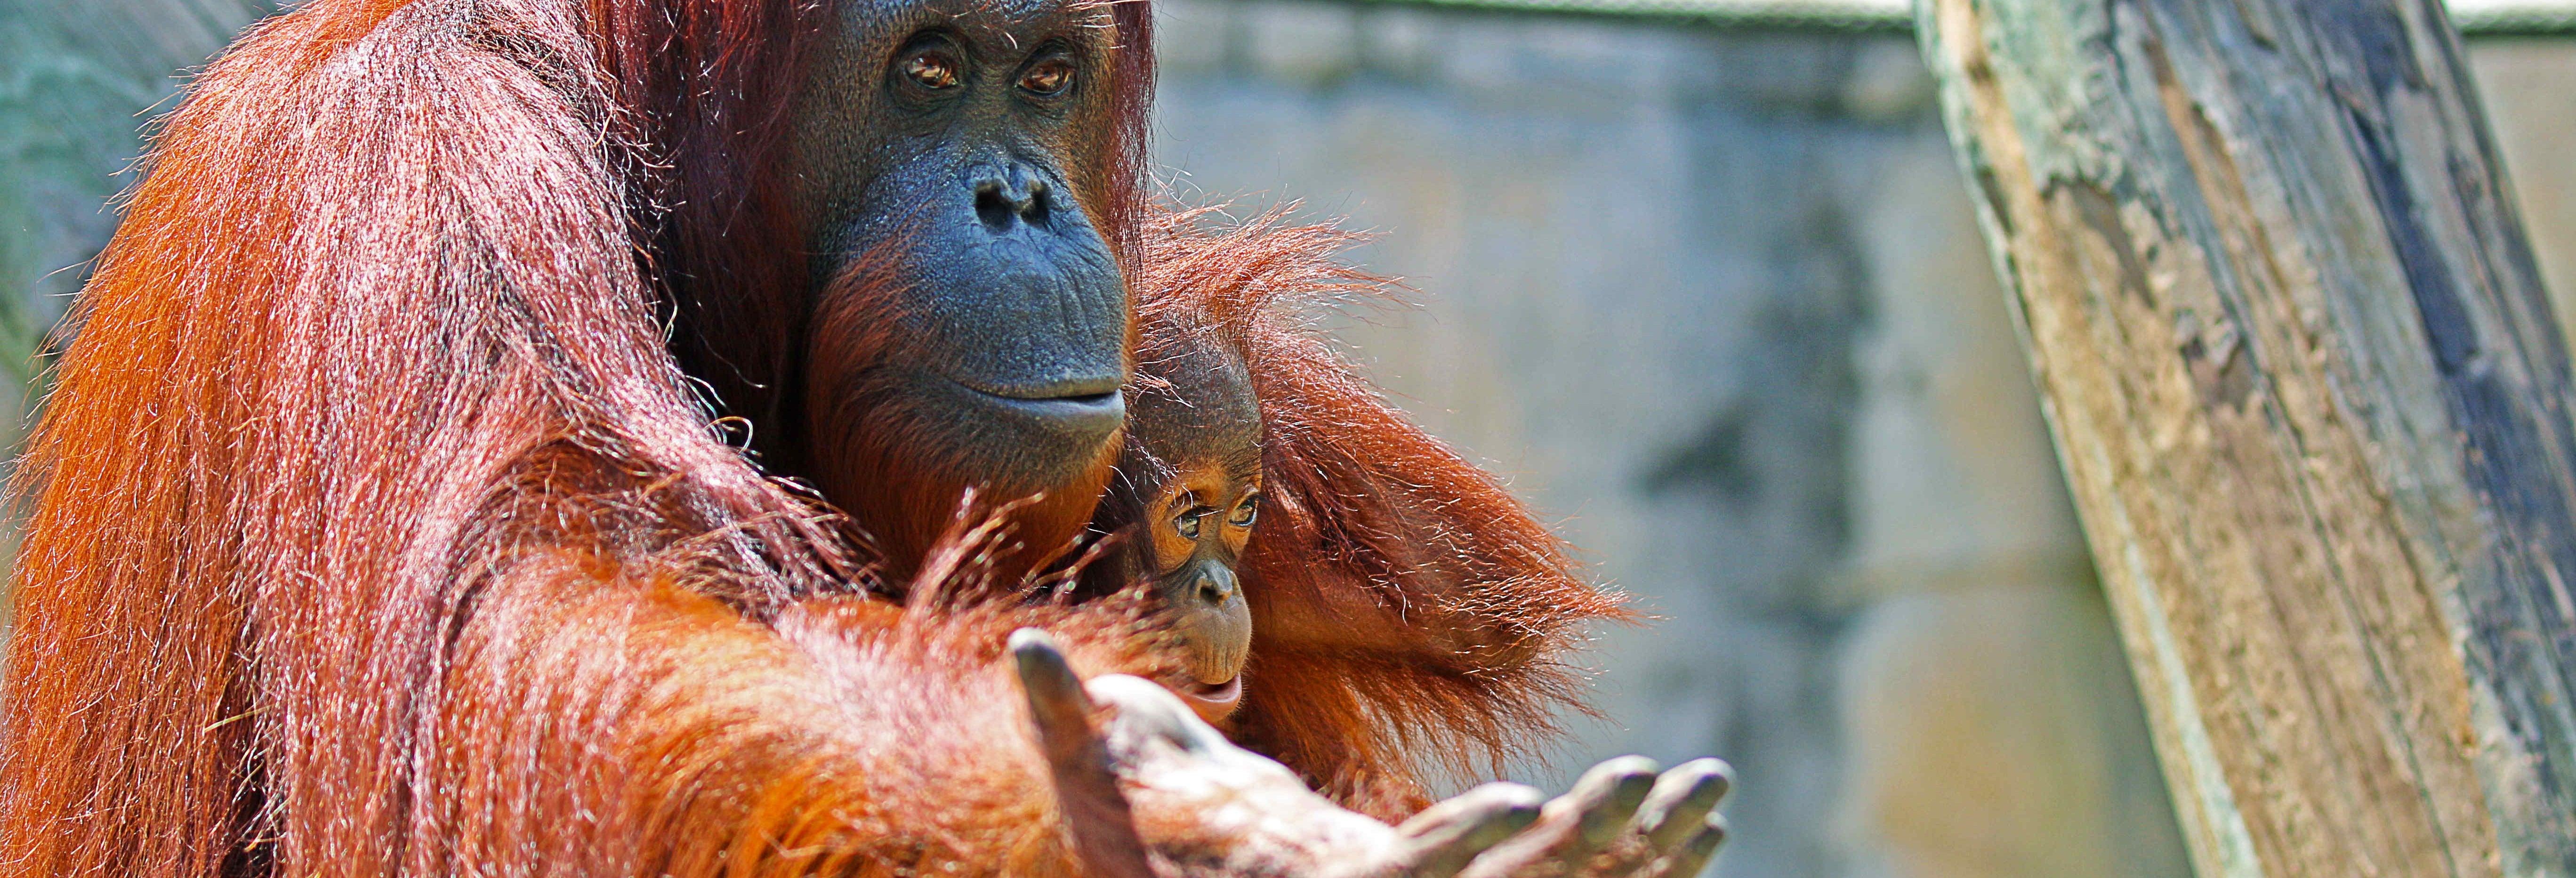 Entrada al Zoo de Tampa + Acuario de Florida